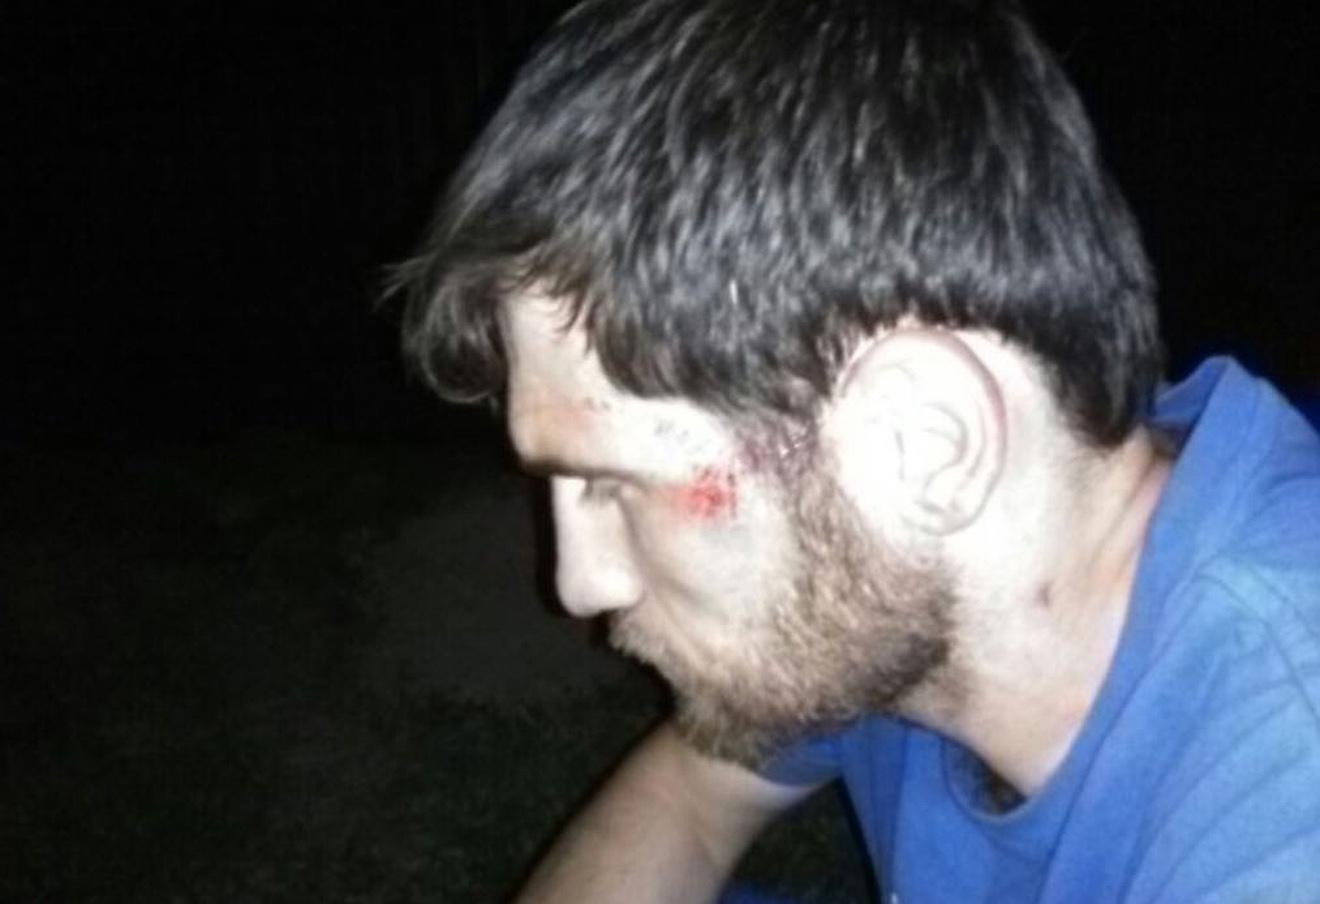 Избитый участник пробега Рустам Малламагомедов. Фото с сайта объединения перевозчиков России